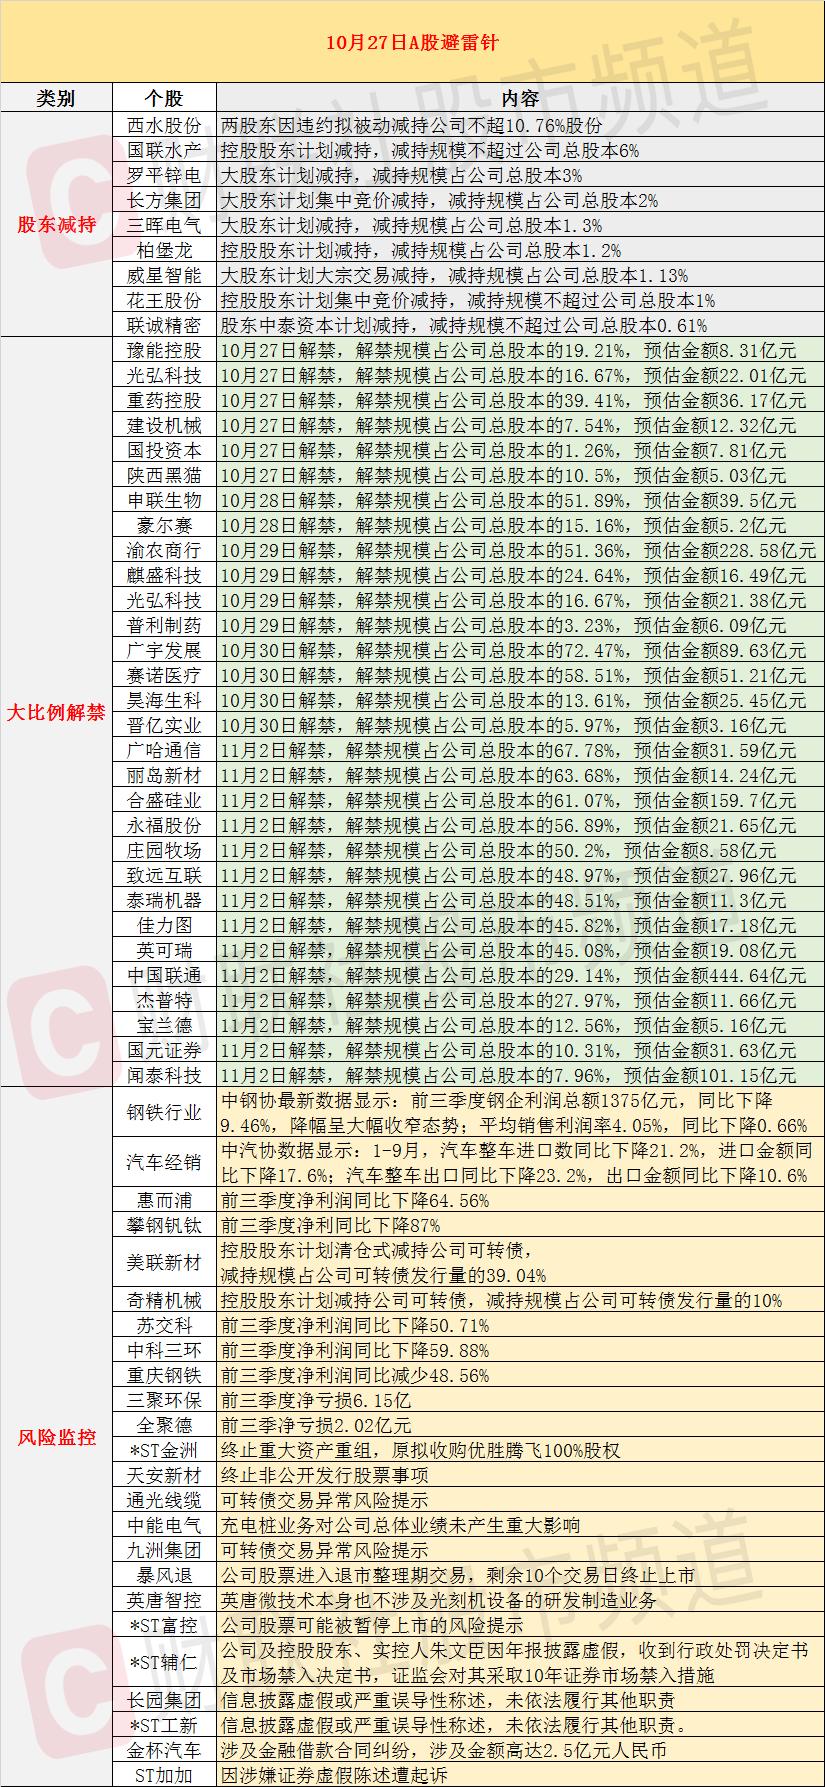 10月27日投资避雷针:中国联通将迎来444.64亿元的大规模解禁